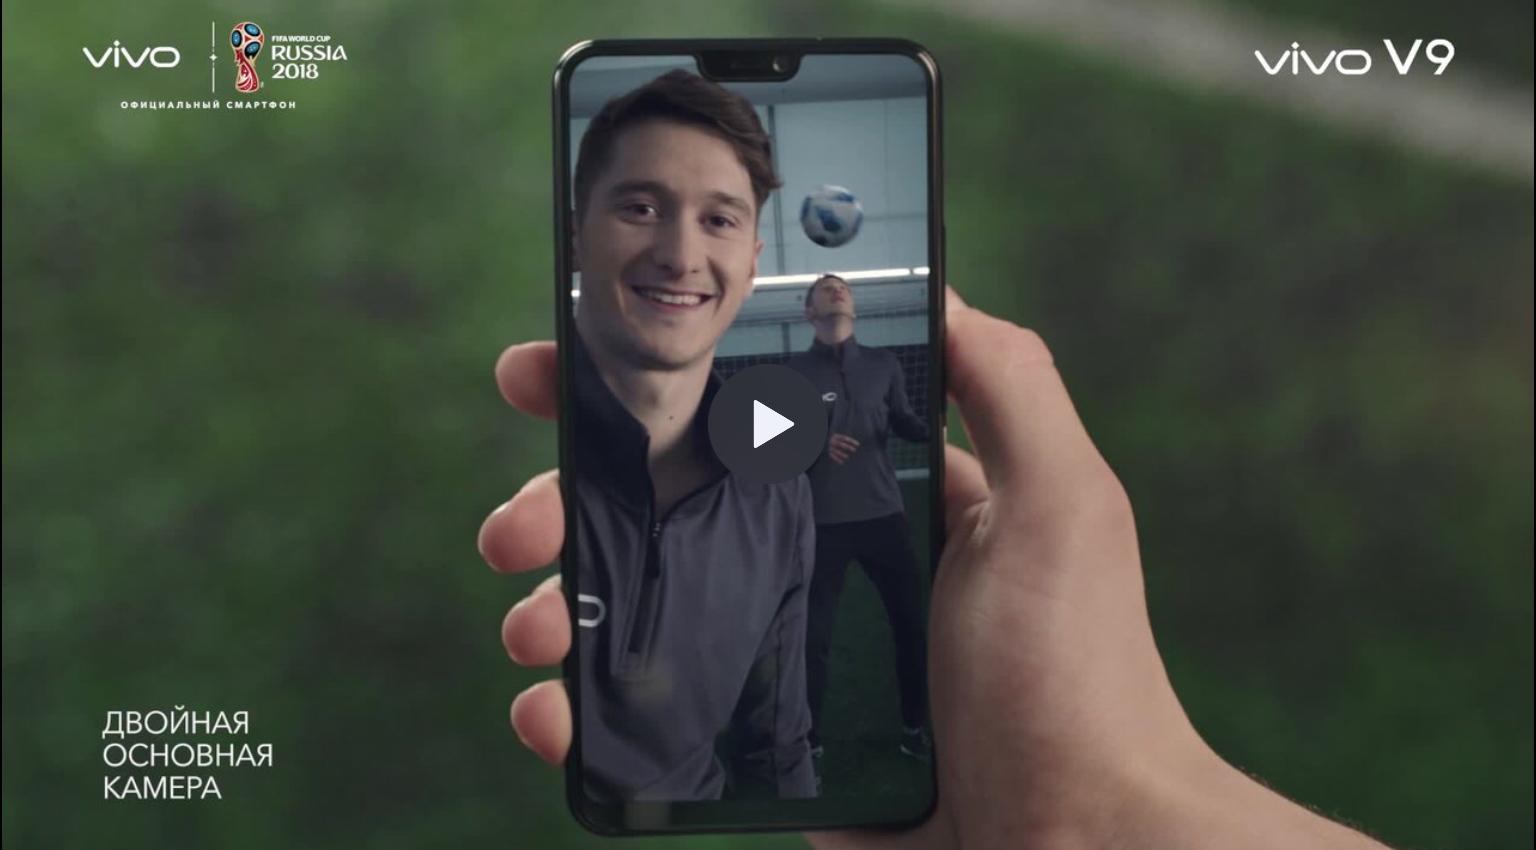 Новый эксклюзивный дизайн смартфона V9